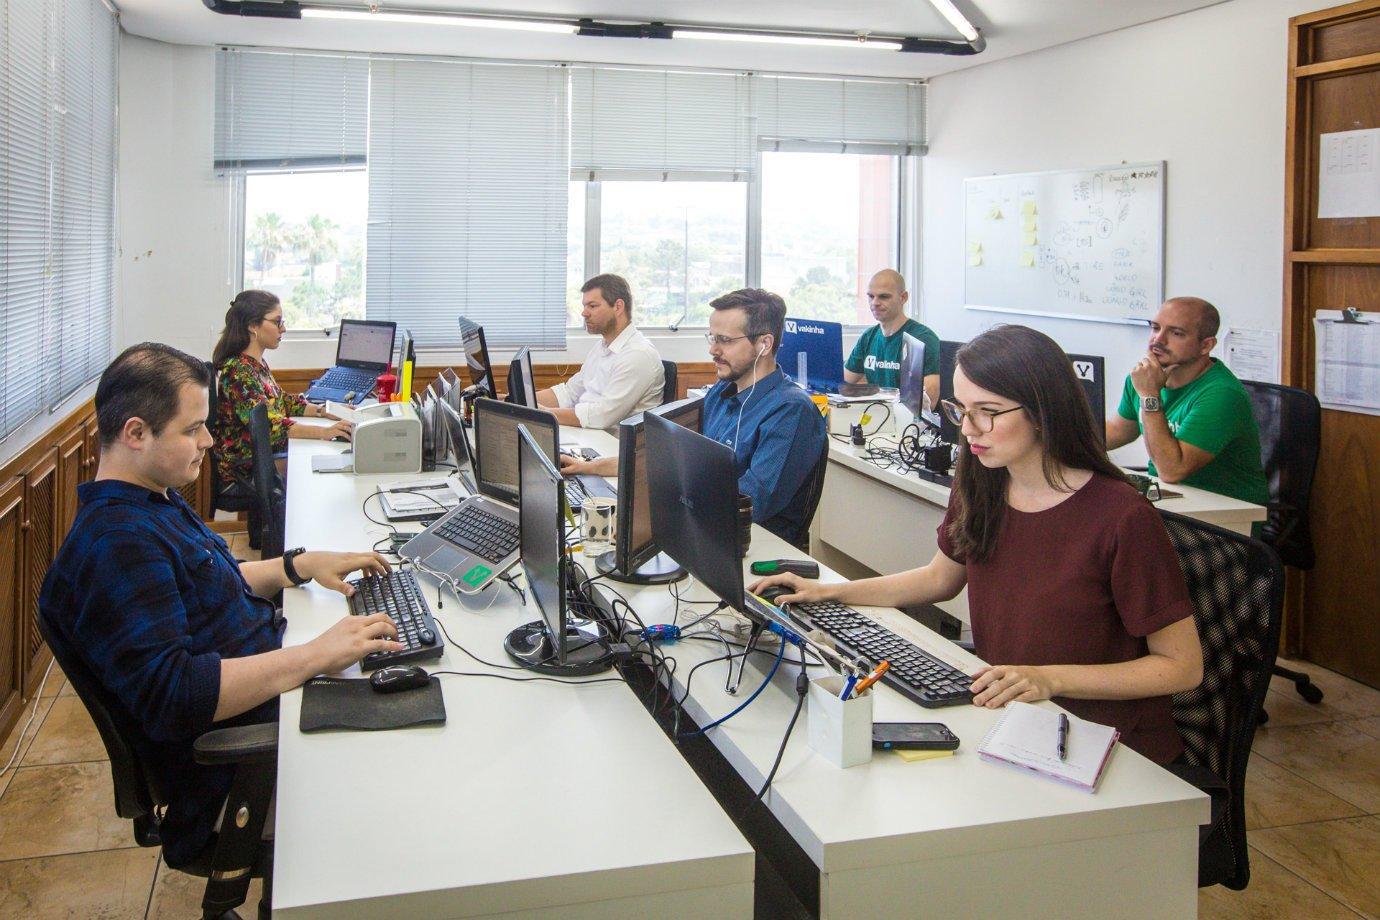 Escritório do Vakinha, com equipe trabalhando